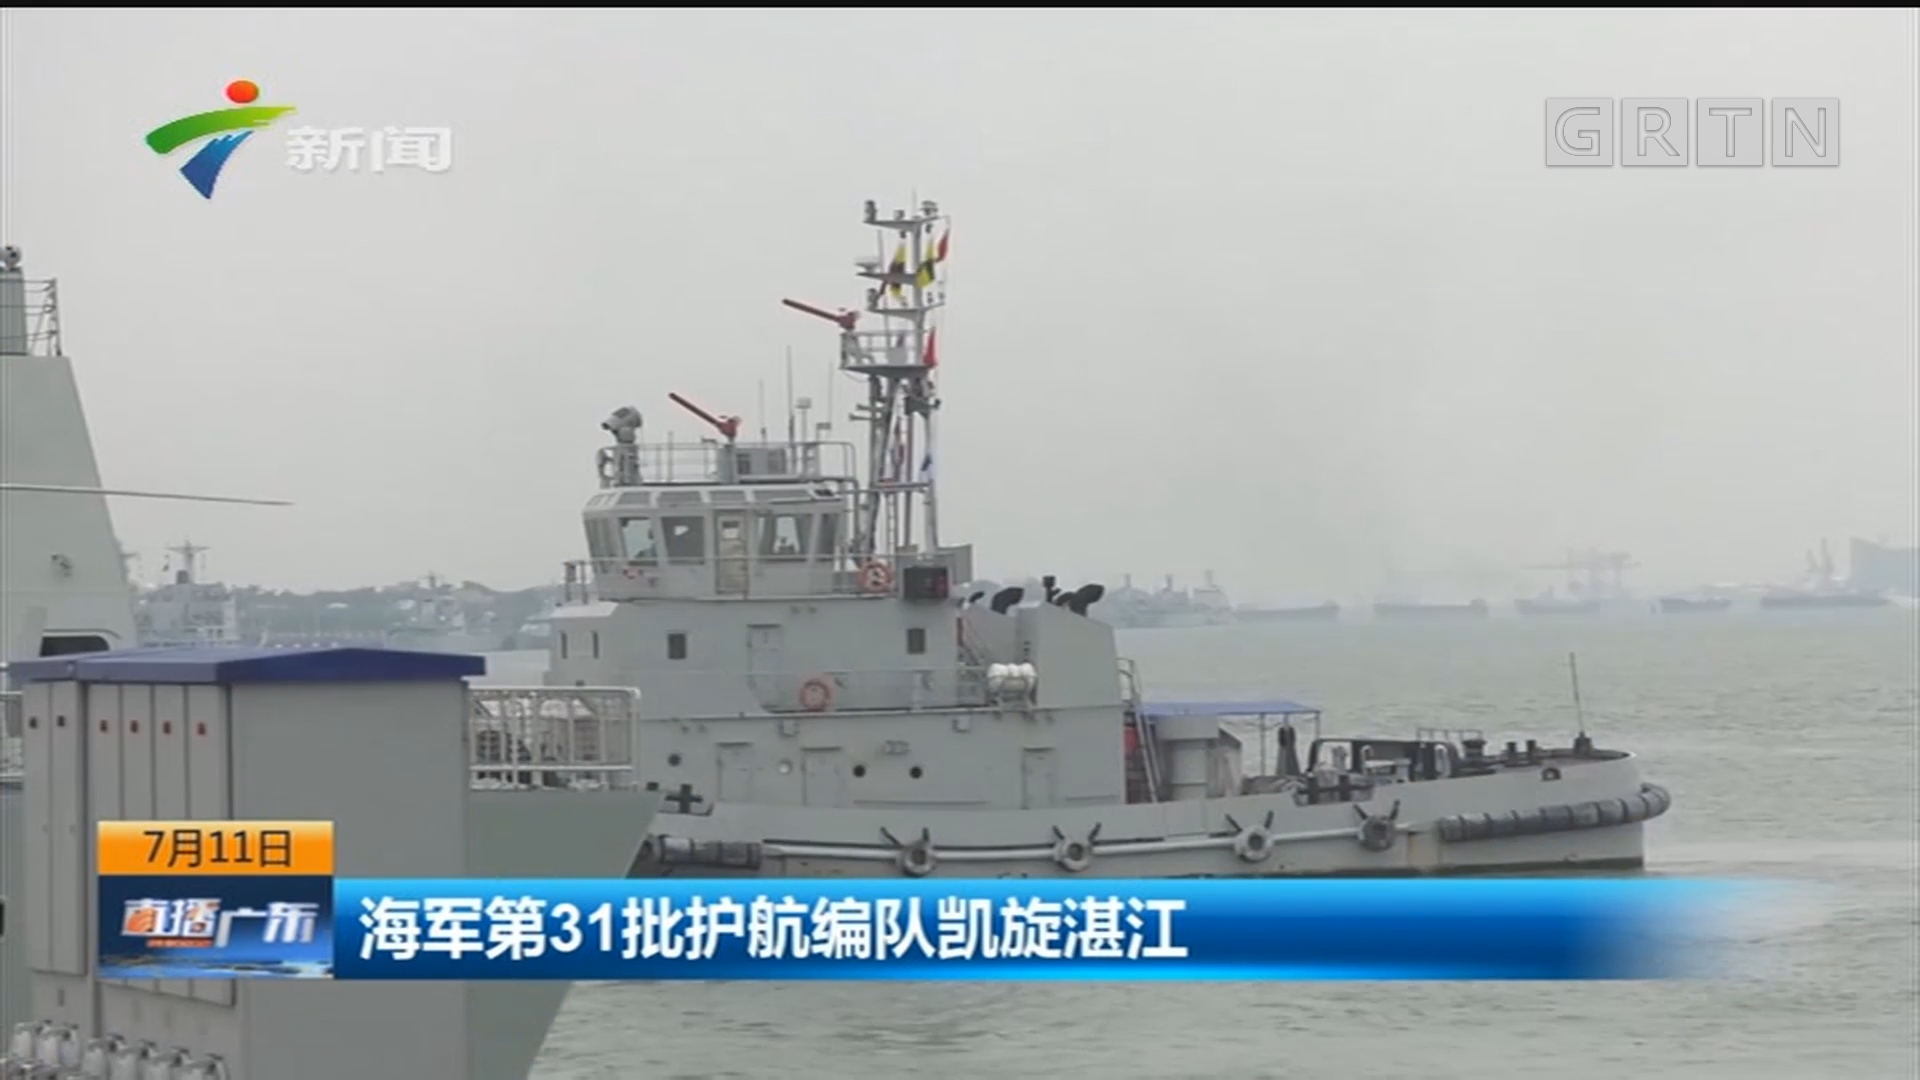 海军第31批护航编队凯旋湛江